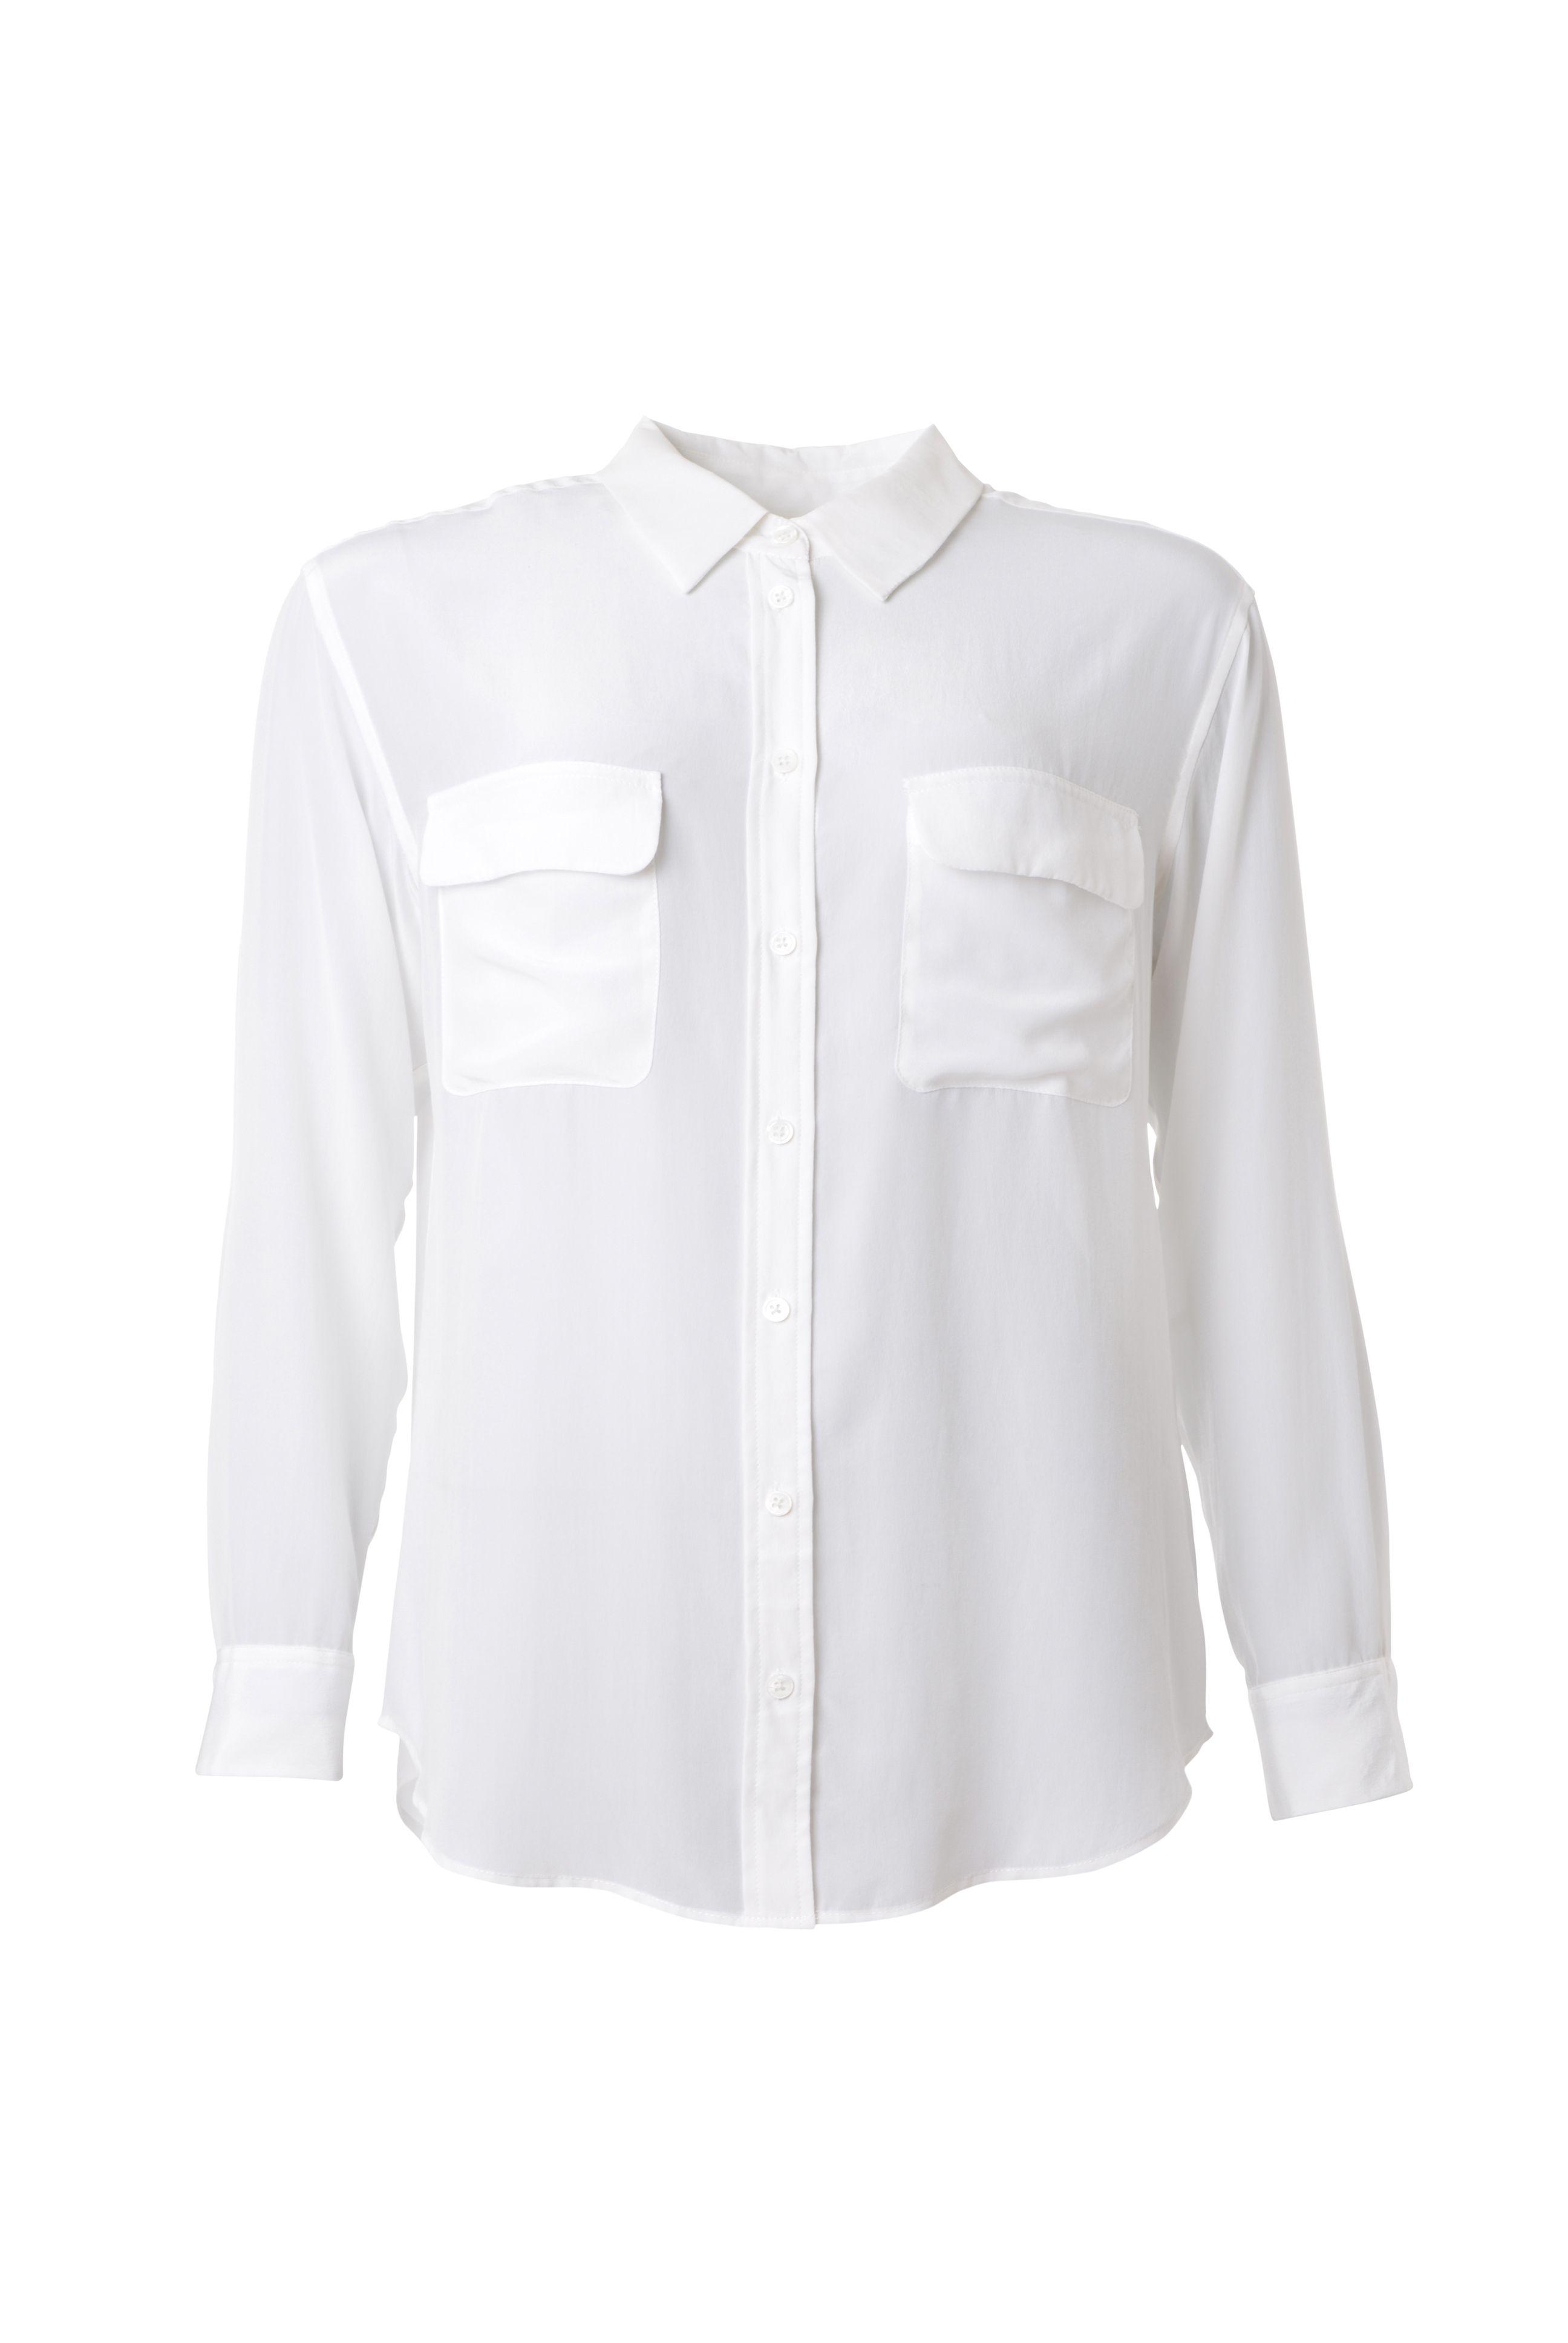 Signature Hemdbluse aus traumhafter, vorgewaschener Seide des Kultlabels Equipment jetzt neu auf www.fashionvestis.com.